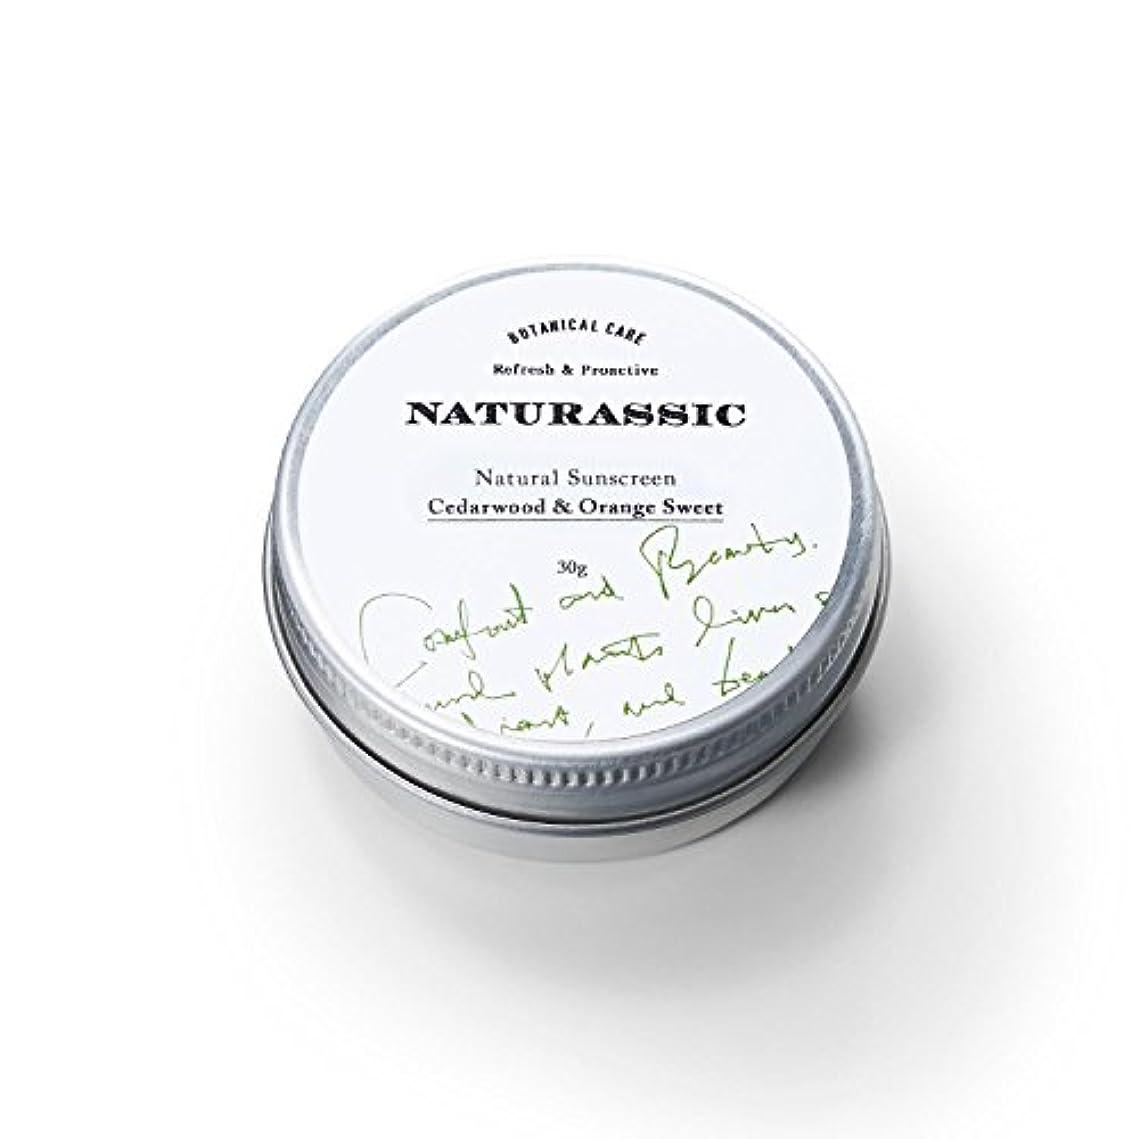 未就学ニコチン略奪ナチュラシック ナチュラルサンスクリーンCO シダーウッド&オレンジスイートの香り 30g [天然由来成分100%]